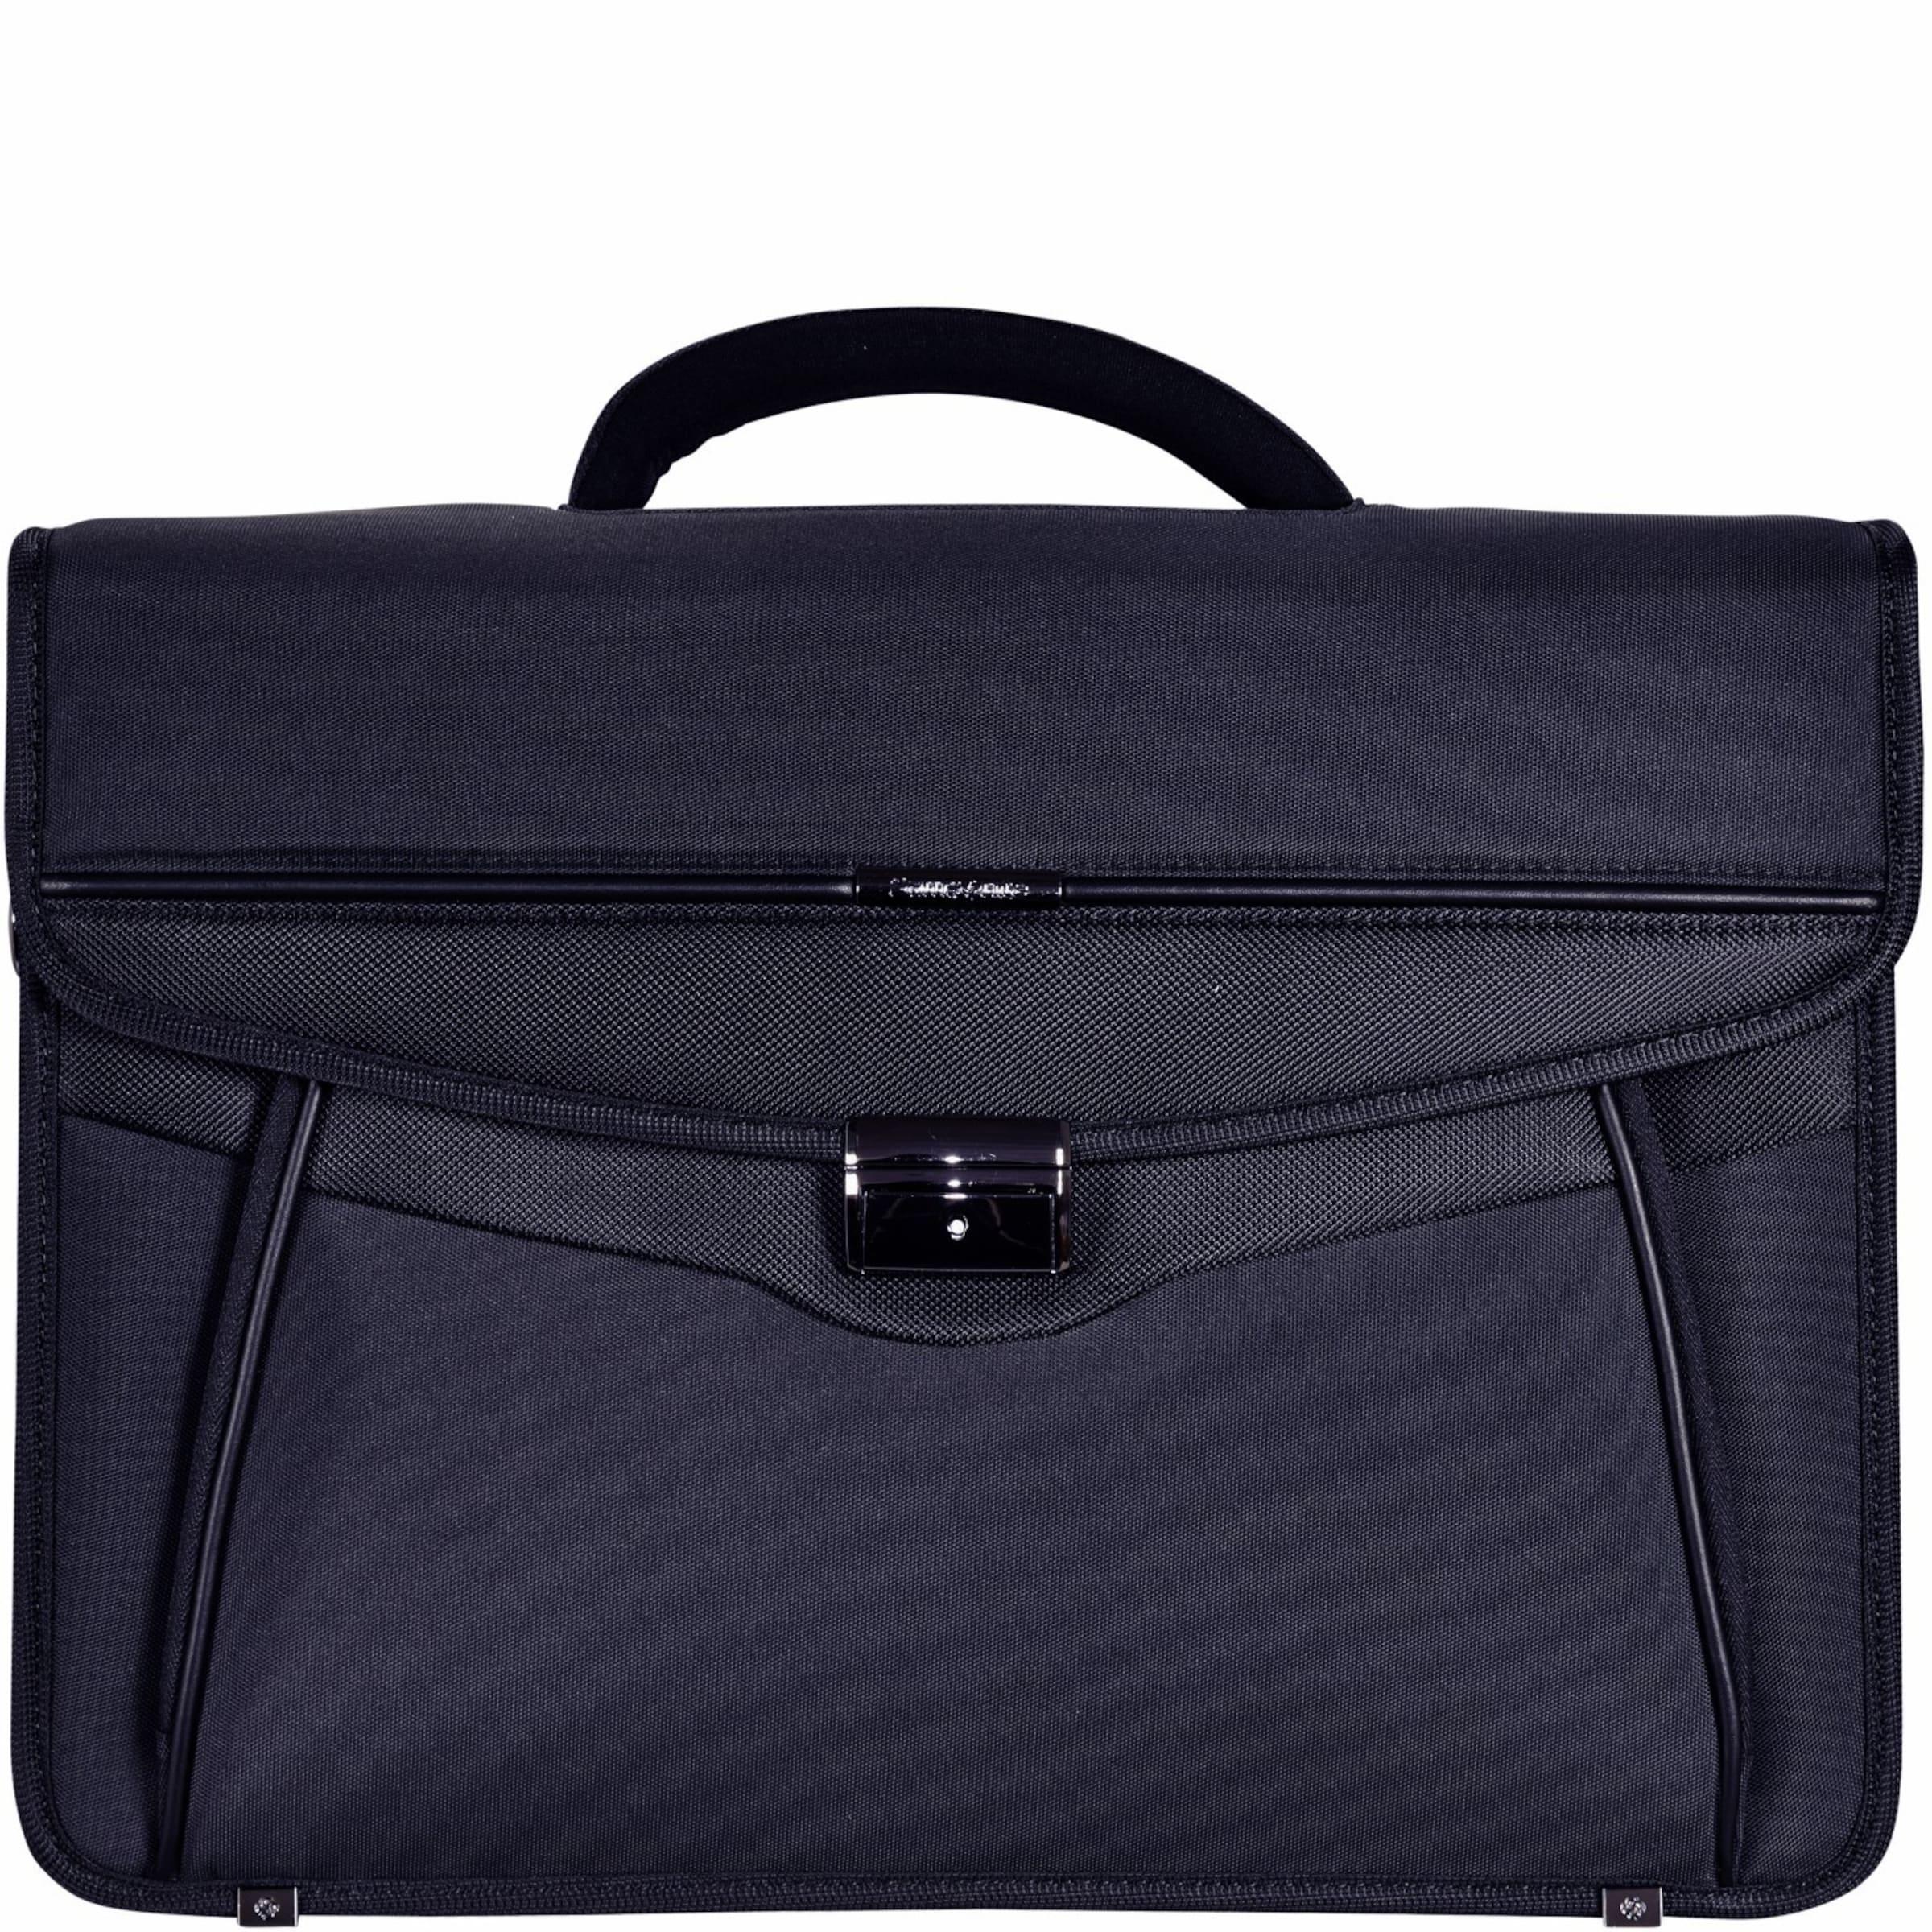 SAMSONITE Desklite Aktentasche Briefcase 42 cm Laptopfach Geniue Händler Eda0xkQ